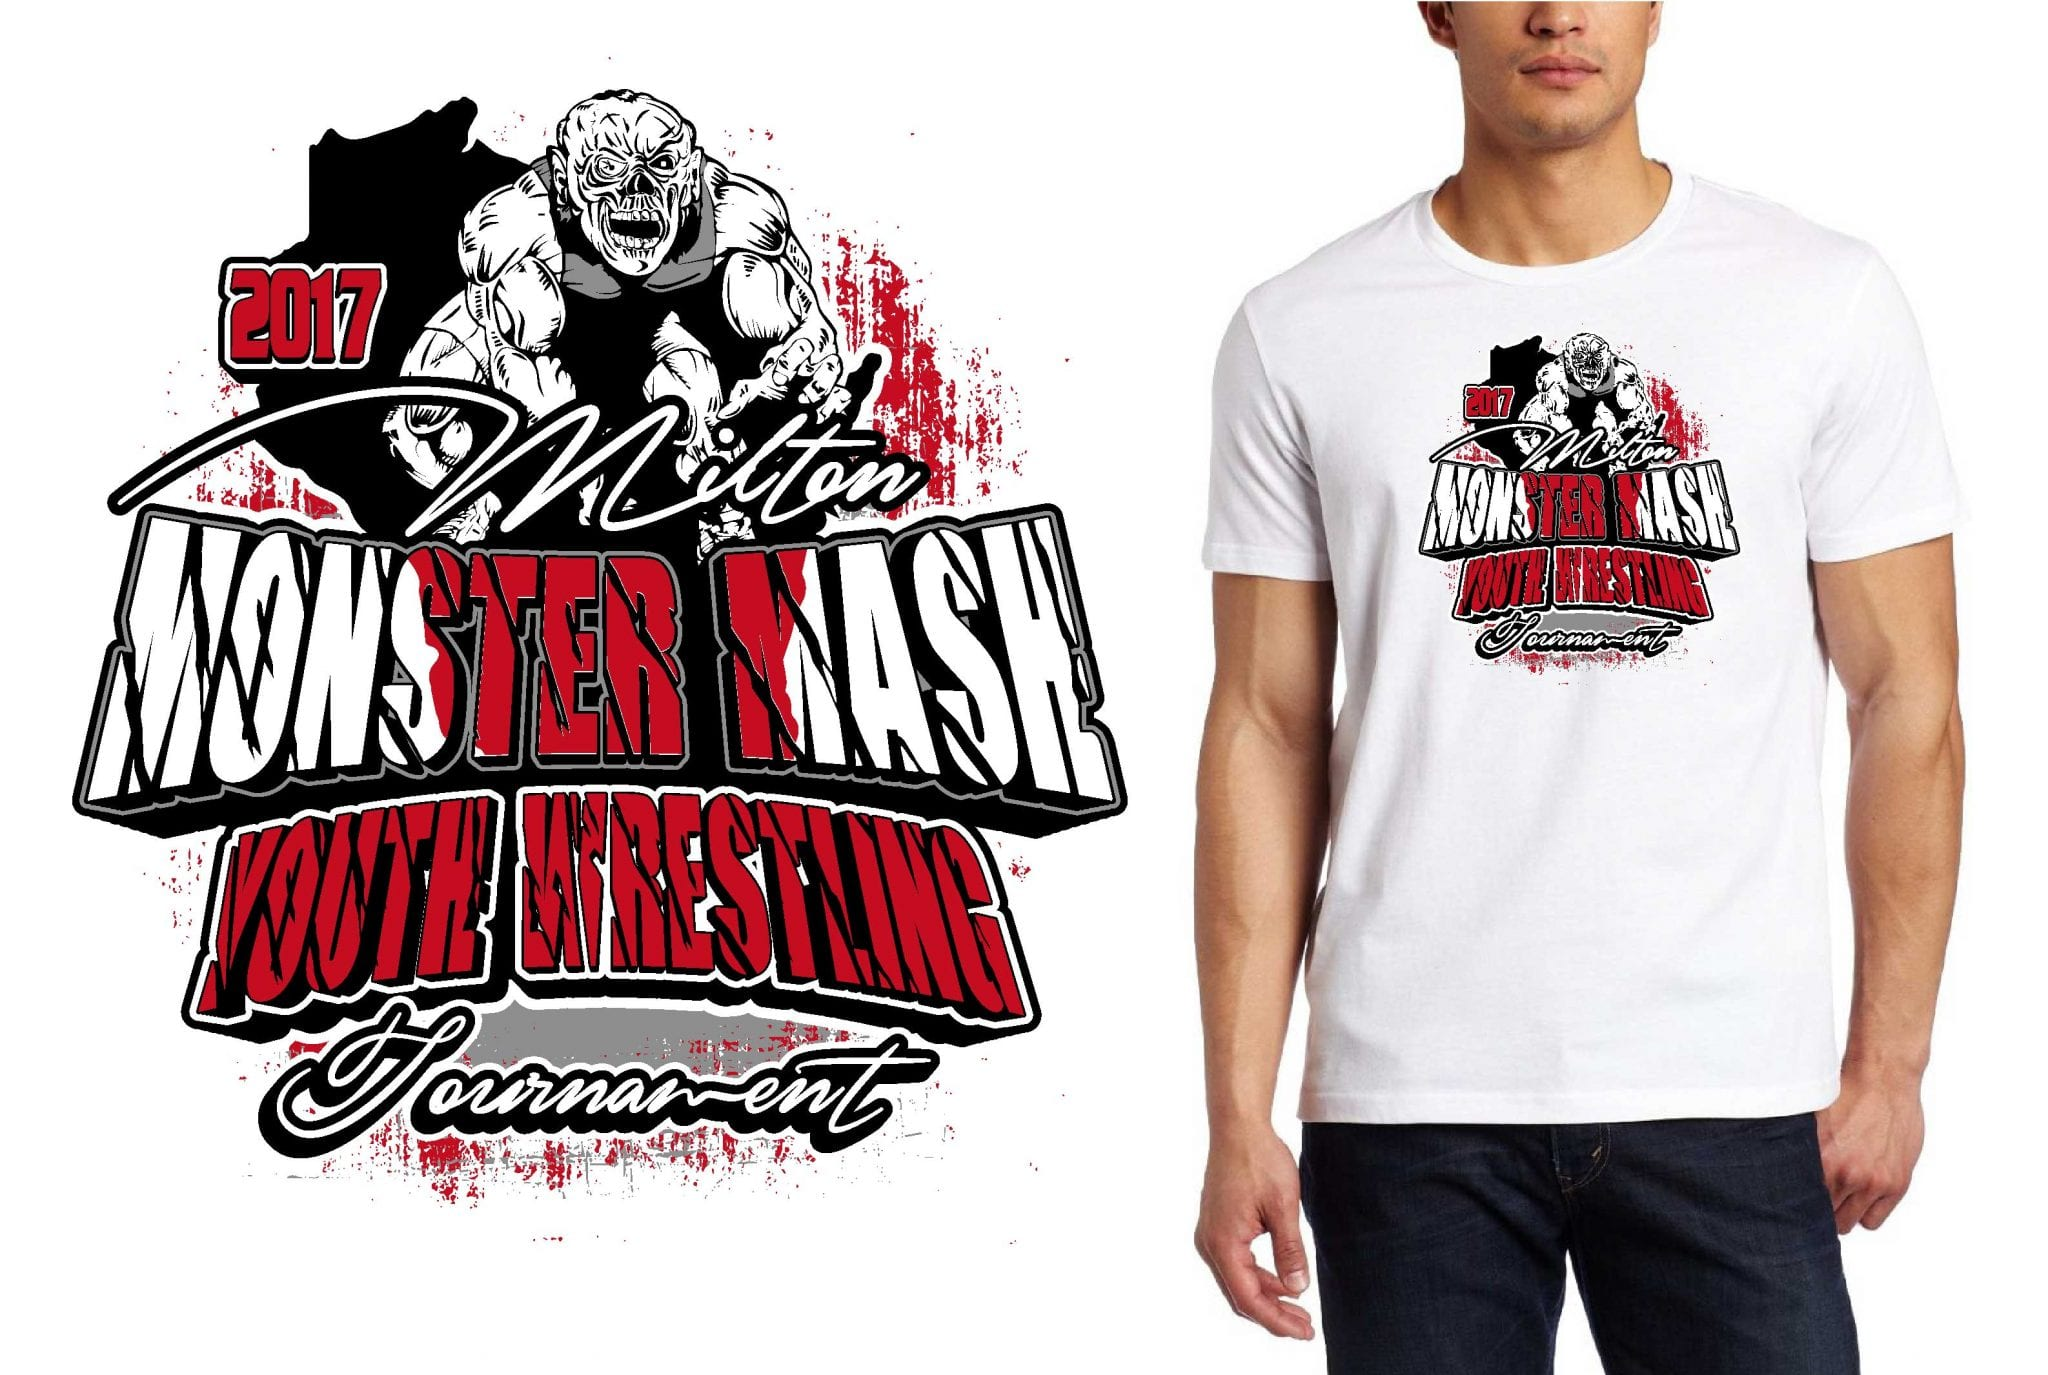 2 19 17 milton monster mash youth wrestling tournament for Wrestling tournament t shirt designs